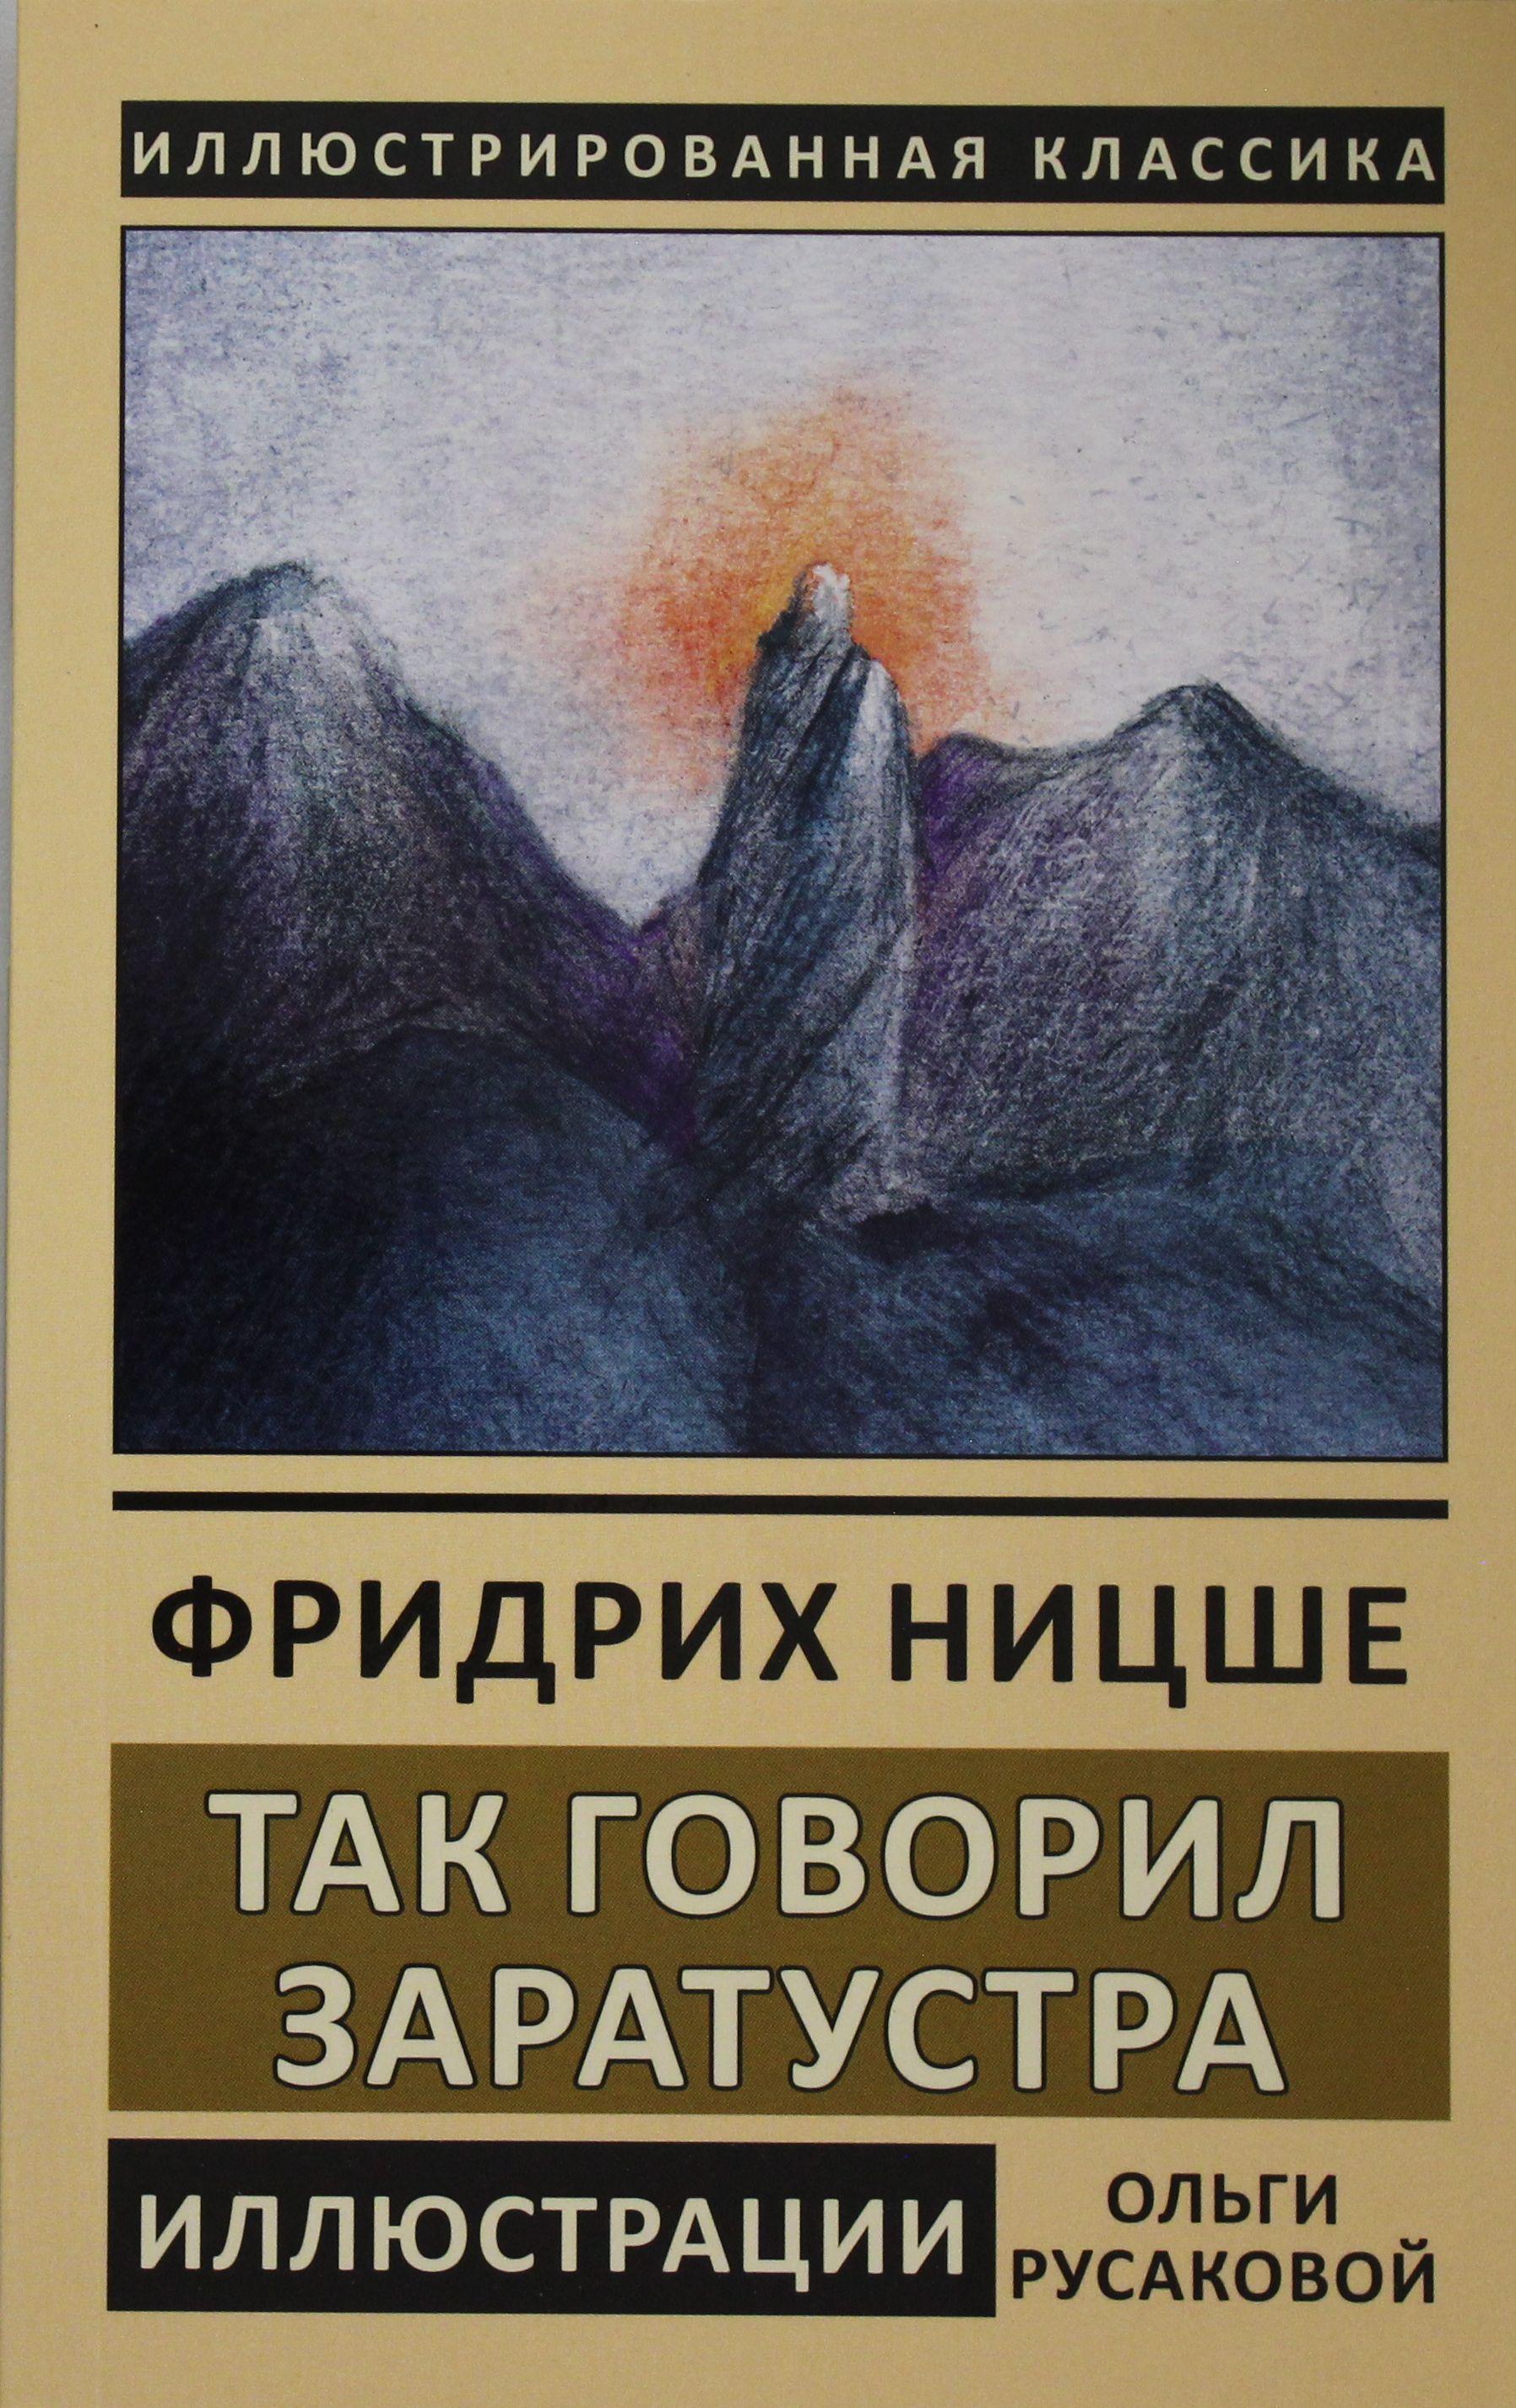 Так говорил Заратустра. Перевод Антоновский Ю.М.